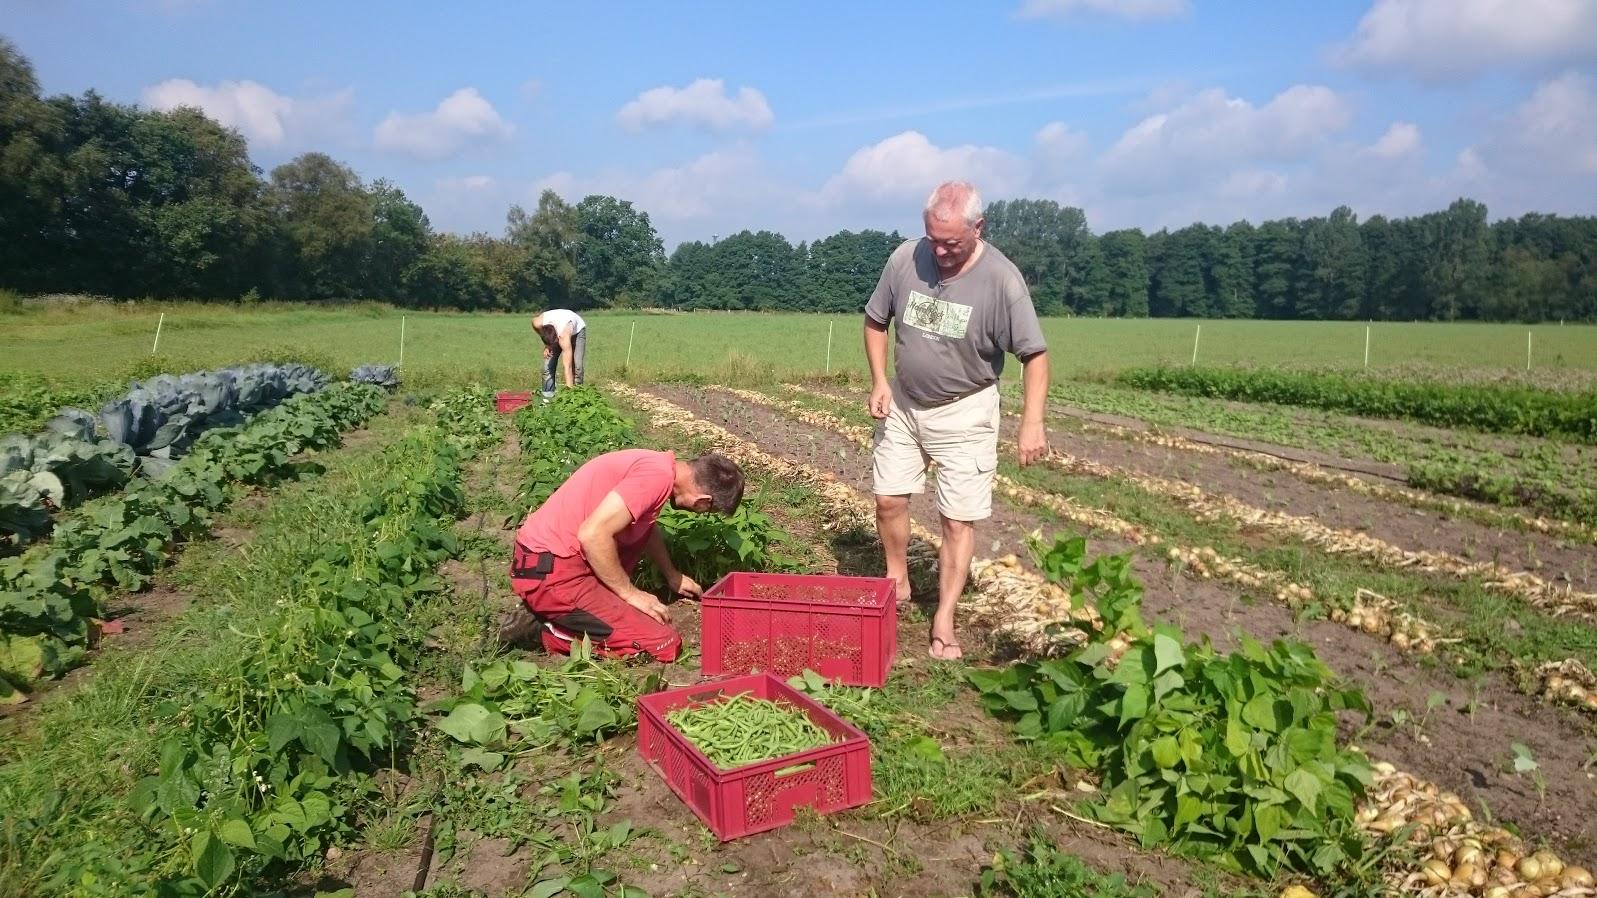 Solidarische Landwirtschft